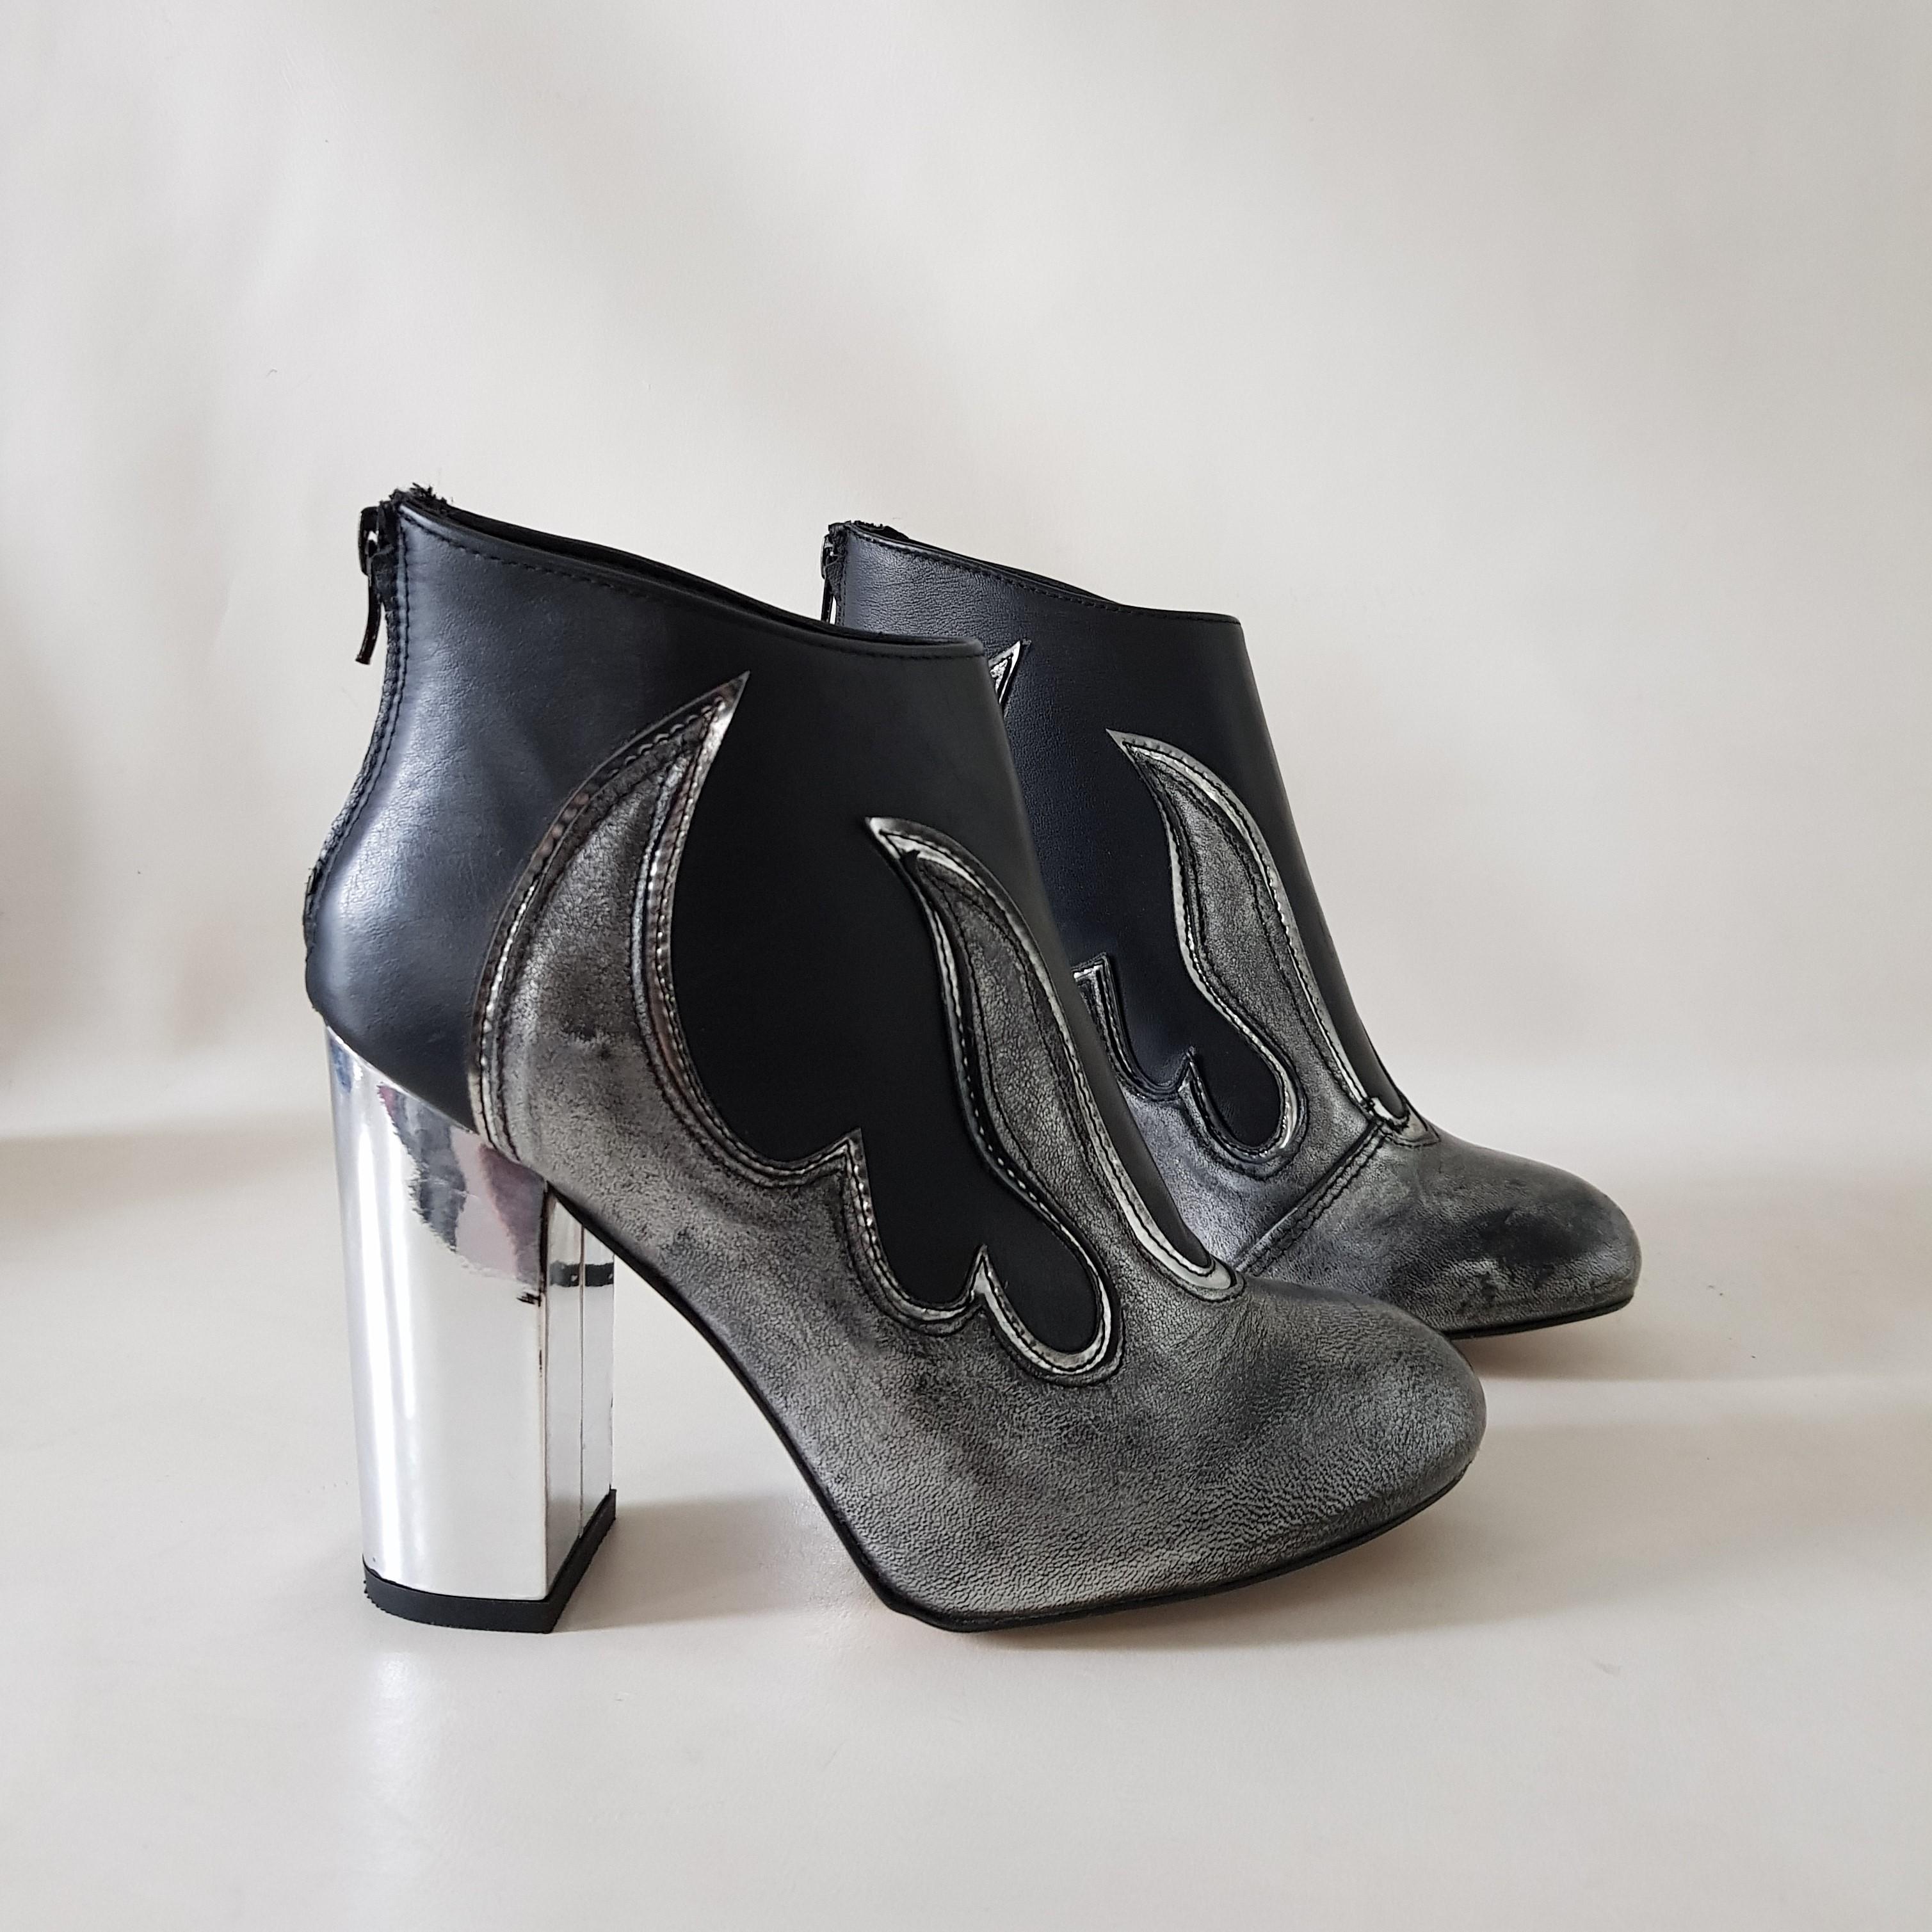 Tronchetto camoscio nero e pelle antracite flame - Lia diva scarpe ...